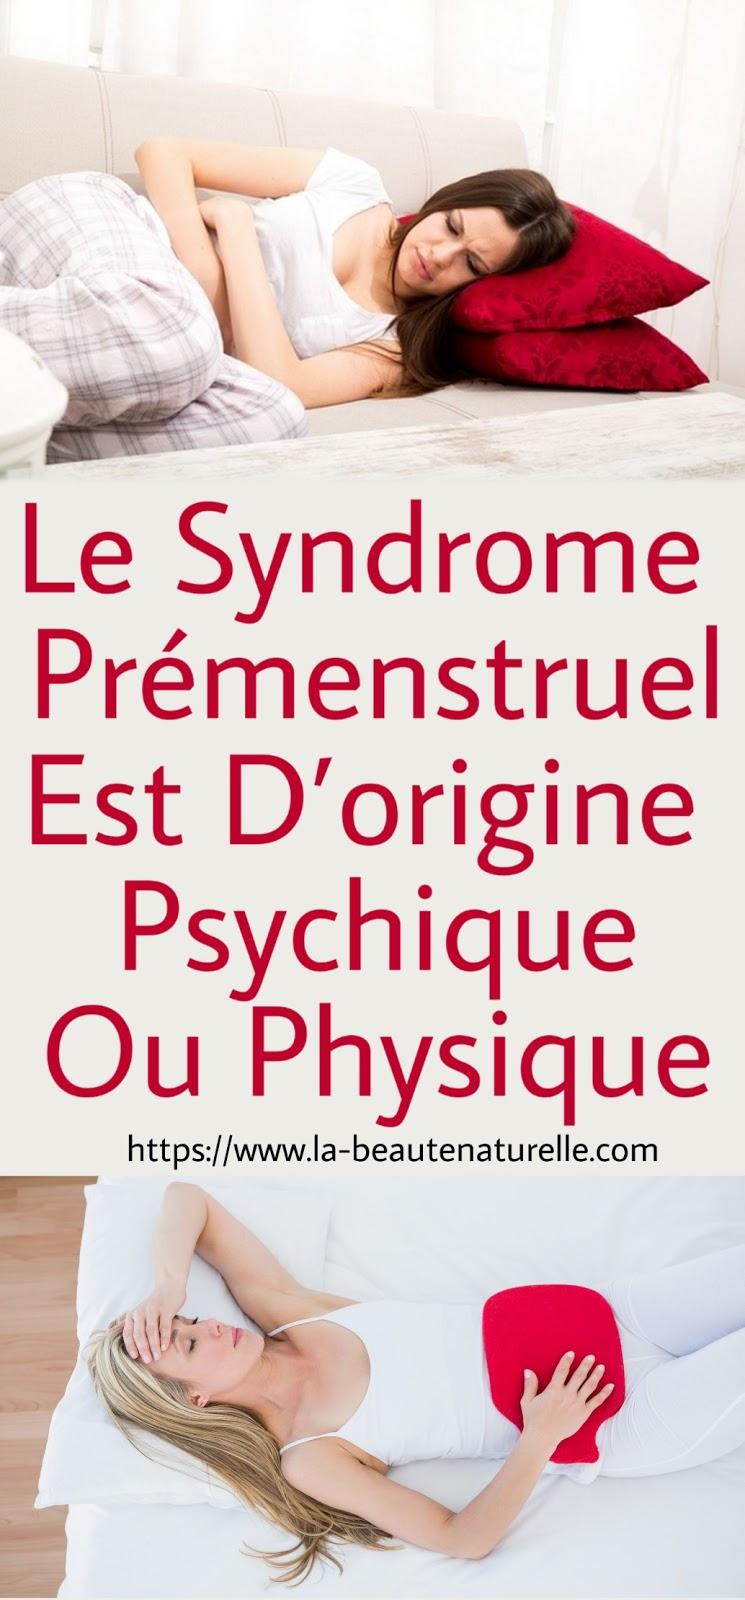 Le Syndrome Prémenstruel Est D'origine Psychique Ou Physique